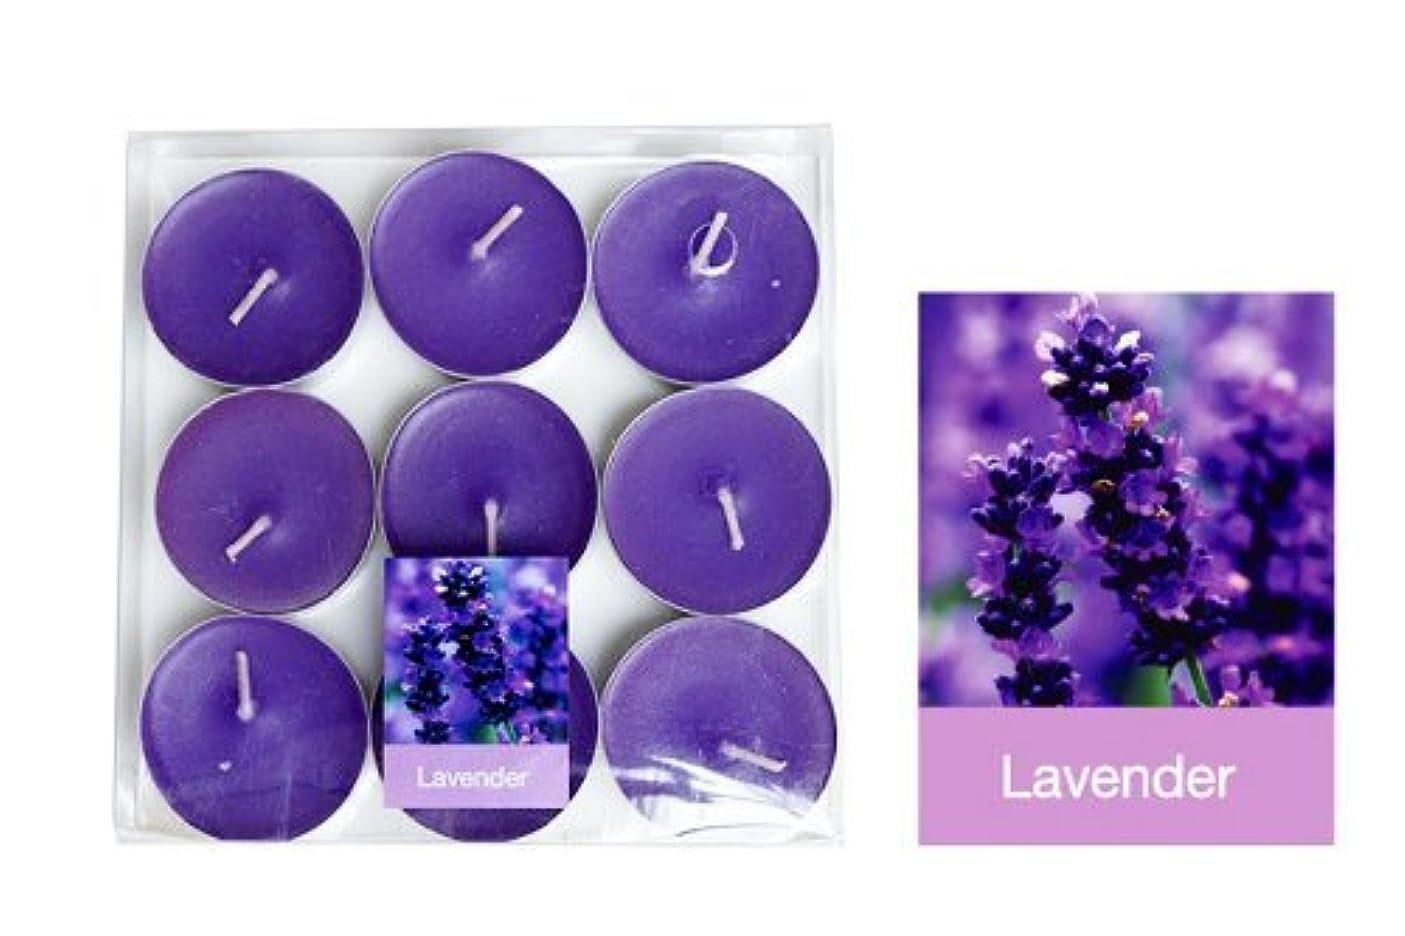 アカデミー確かめるコンテンポラリーThai Spa Candle , Relaxed Aroma Candle Lavender Smell with Aluminium Grommet Holder Thai Product by Tarad Siam Candle [並行輸入品]